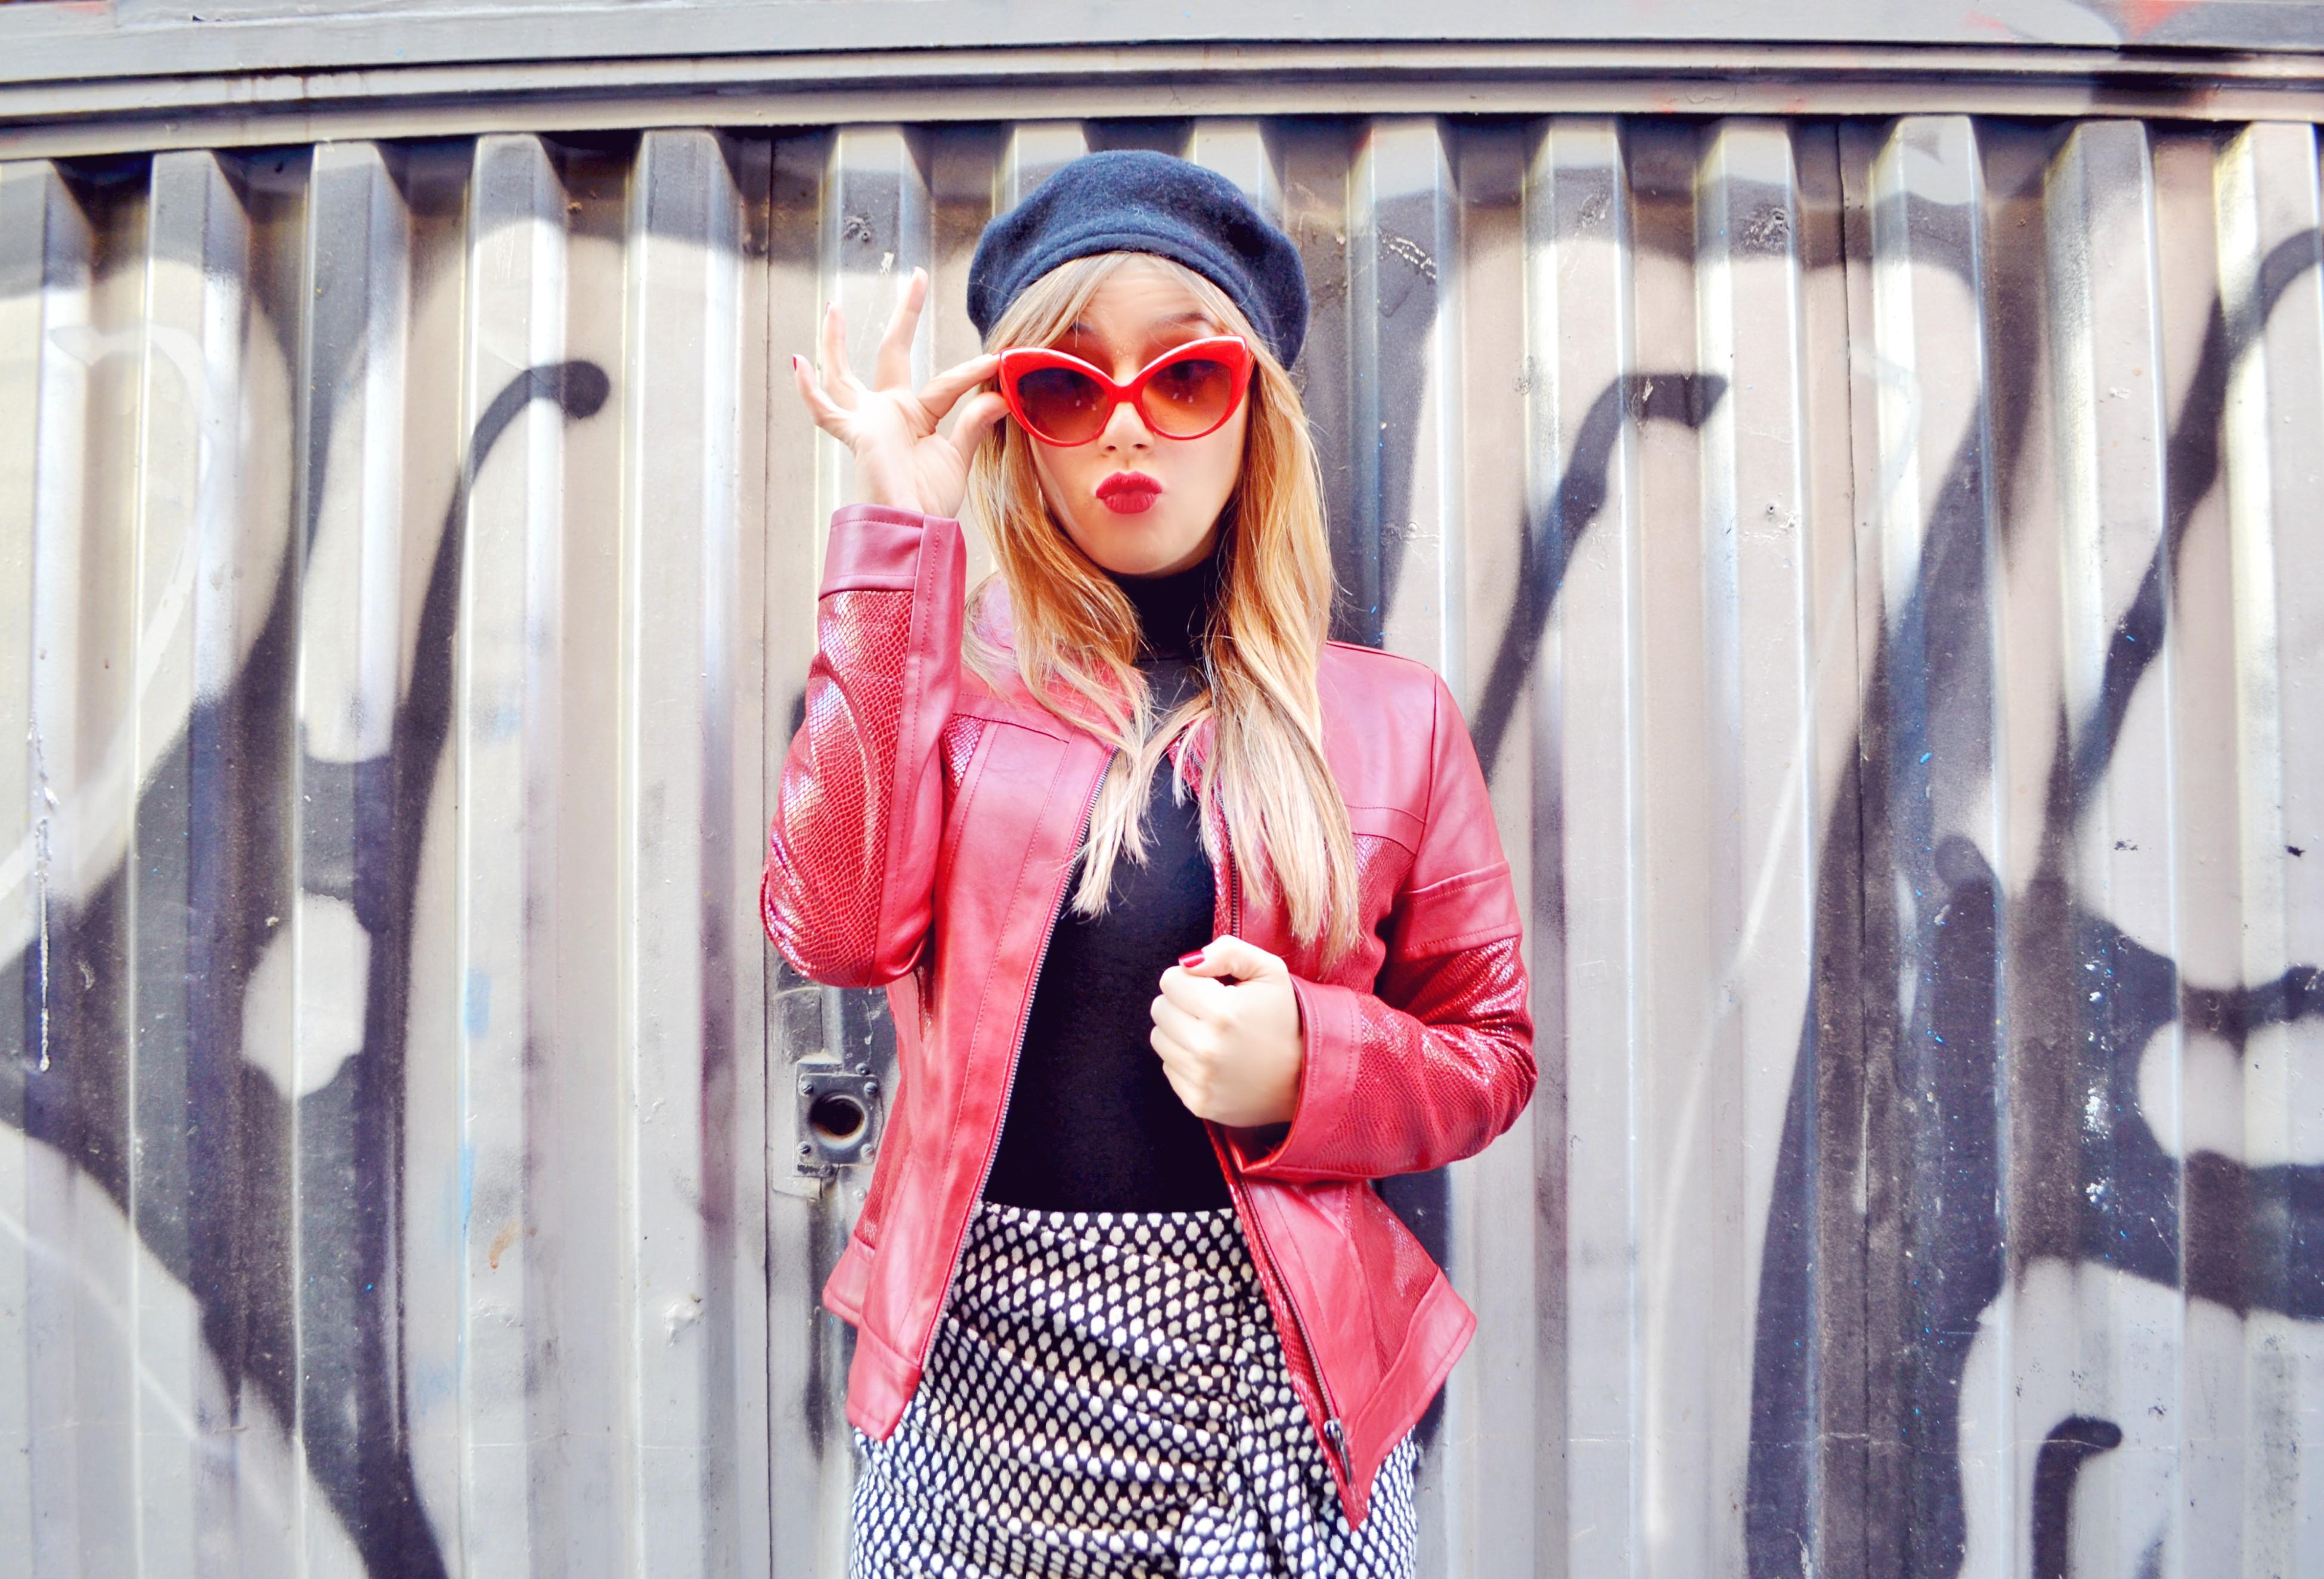 ideas-con-boinas-blog-de-moda-ChicAdicta-fashionista-Chic-Adicta-influencer-gafas-rojas-chaquetas-arggido-PiensaenChic-Piensa-en-Chic